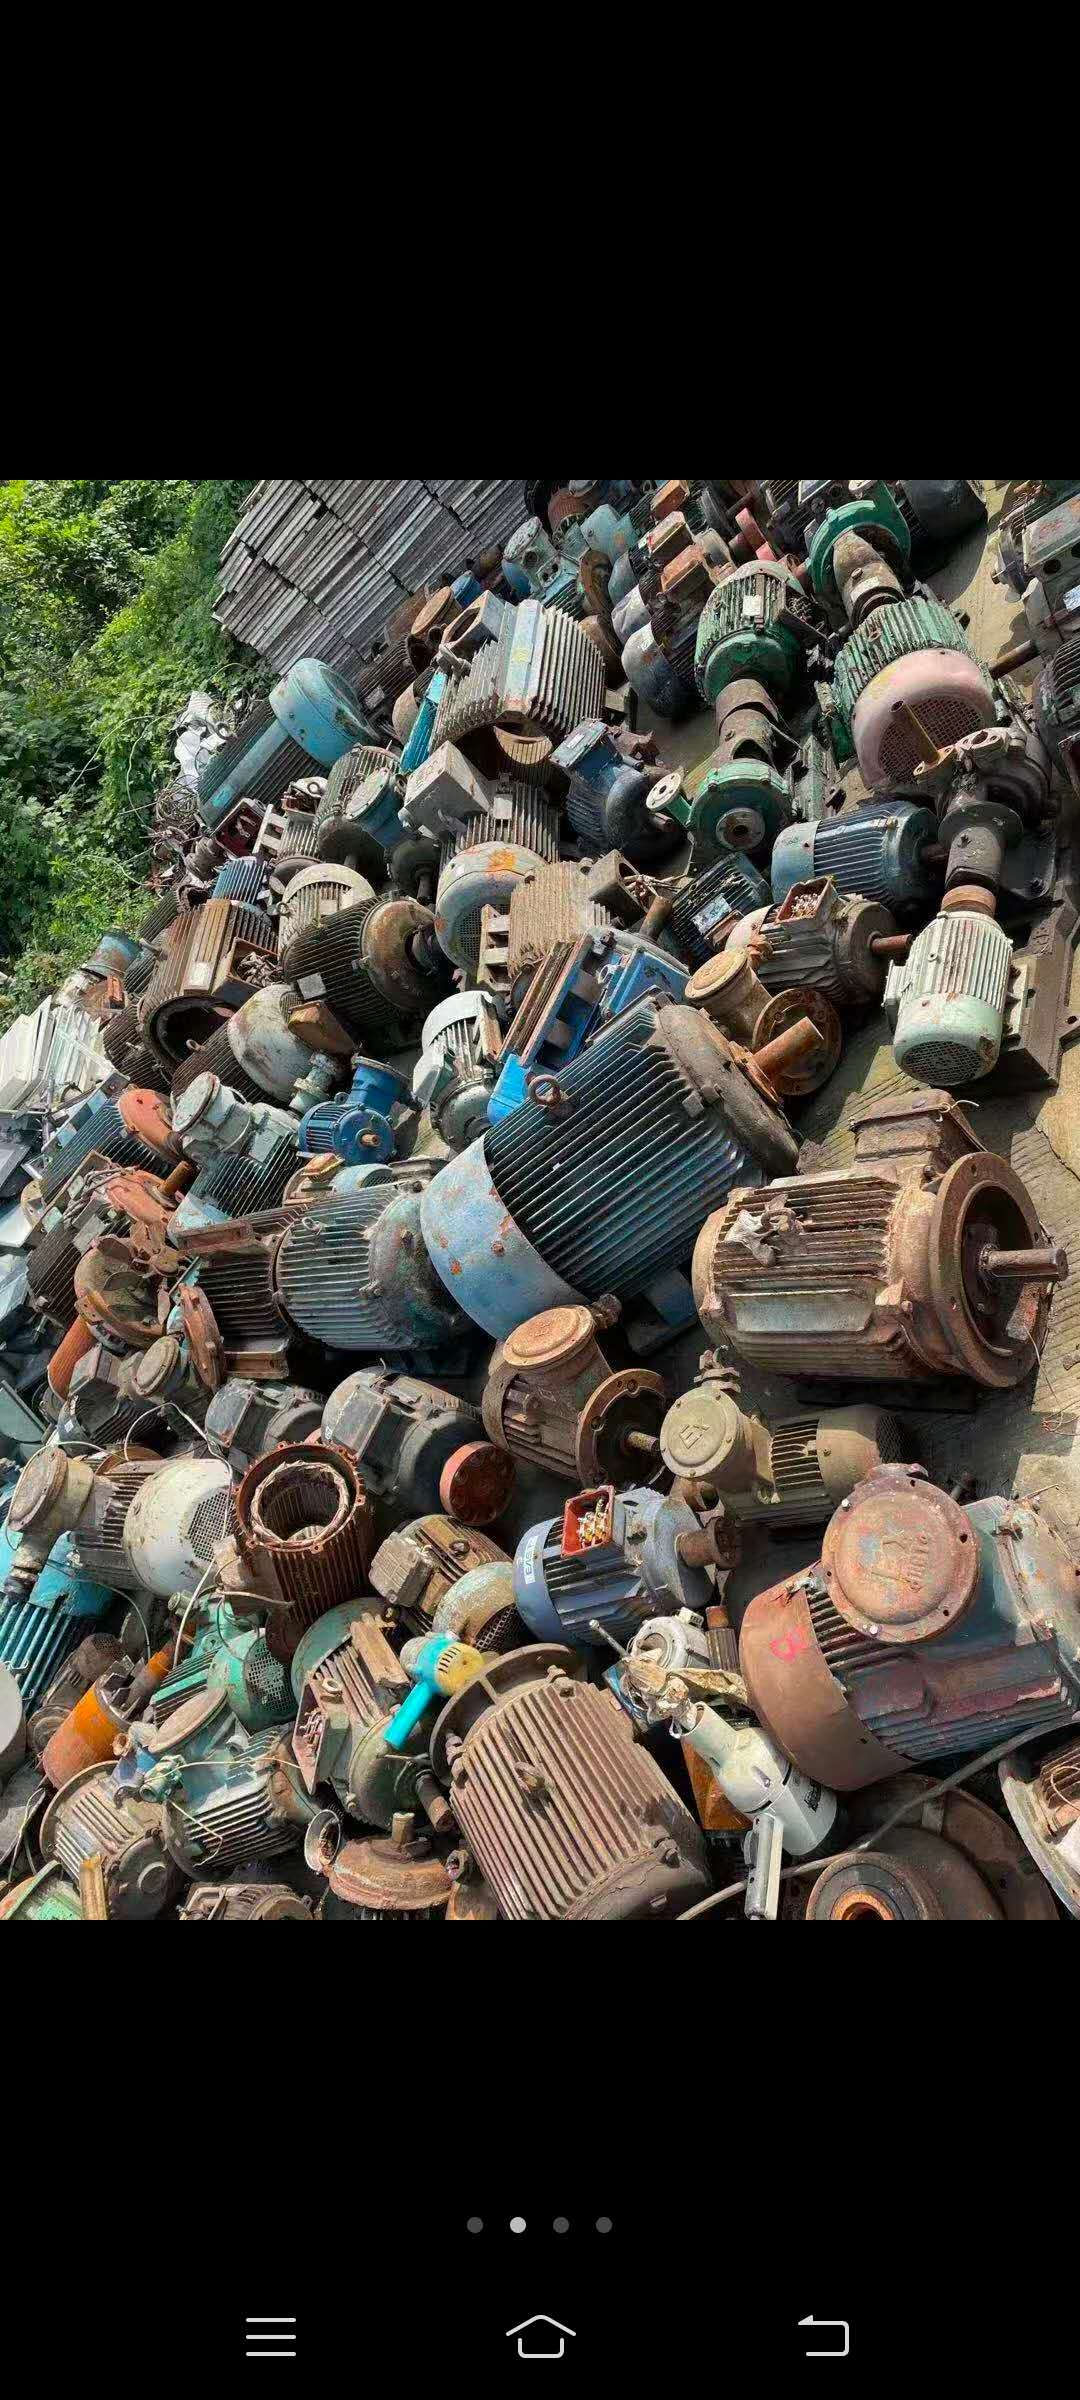 常州废旧电机回收